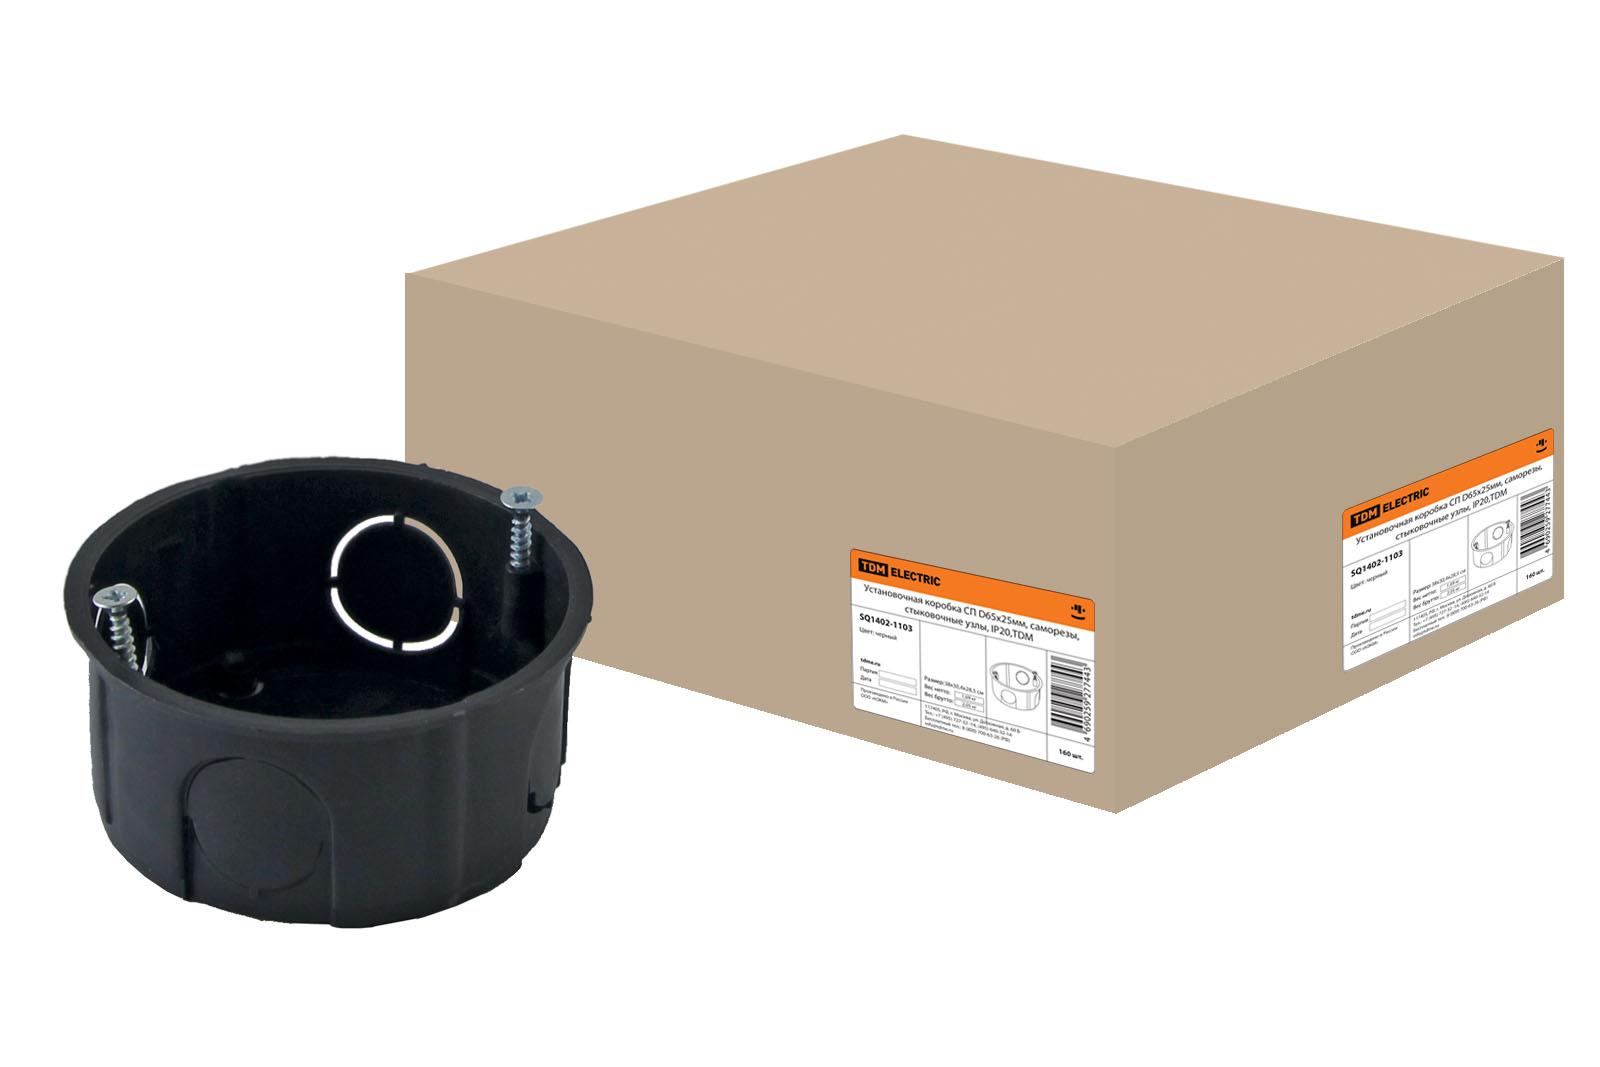 Коробка установочная Tdm Sq1402-1103 коробка распаячная тдм sq1402 1008 120х92х45мм крышка ip20